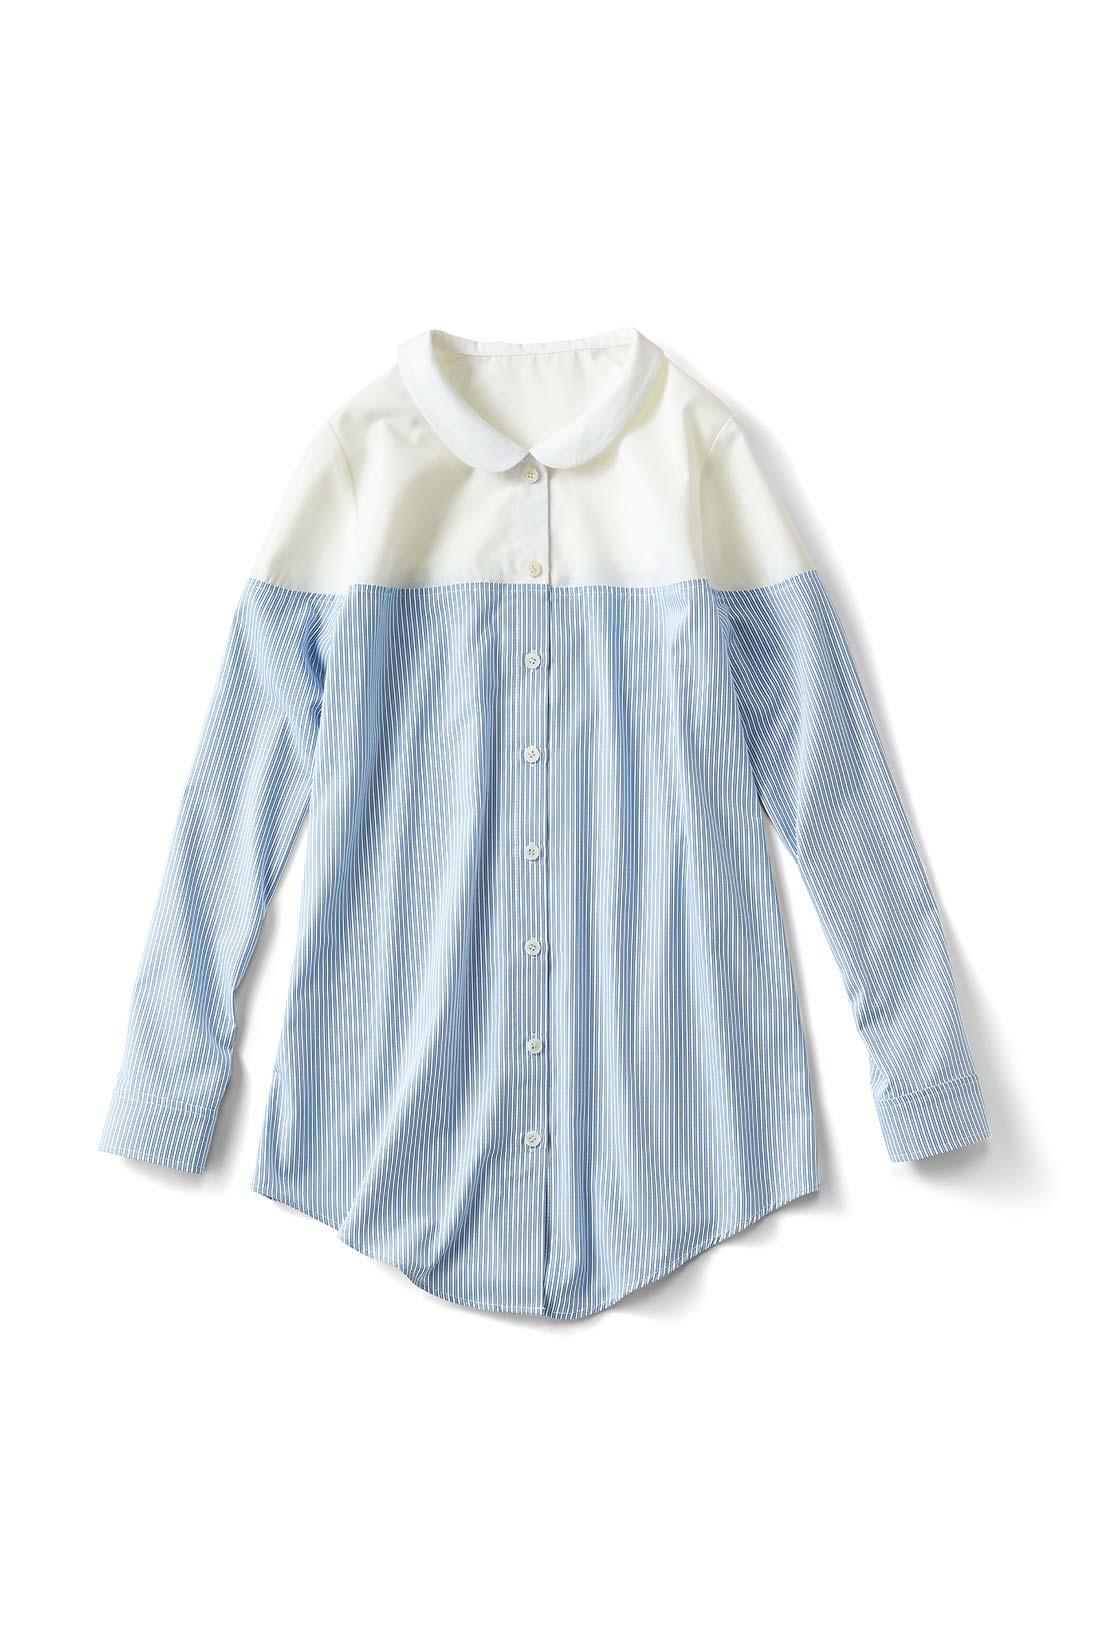 【ホワイト/ストライプ】ボリュームボトムを合わせてトレンドの着こなしにする? それともスキニーですっきり着やせを目指しちゃう?